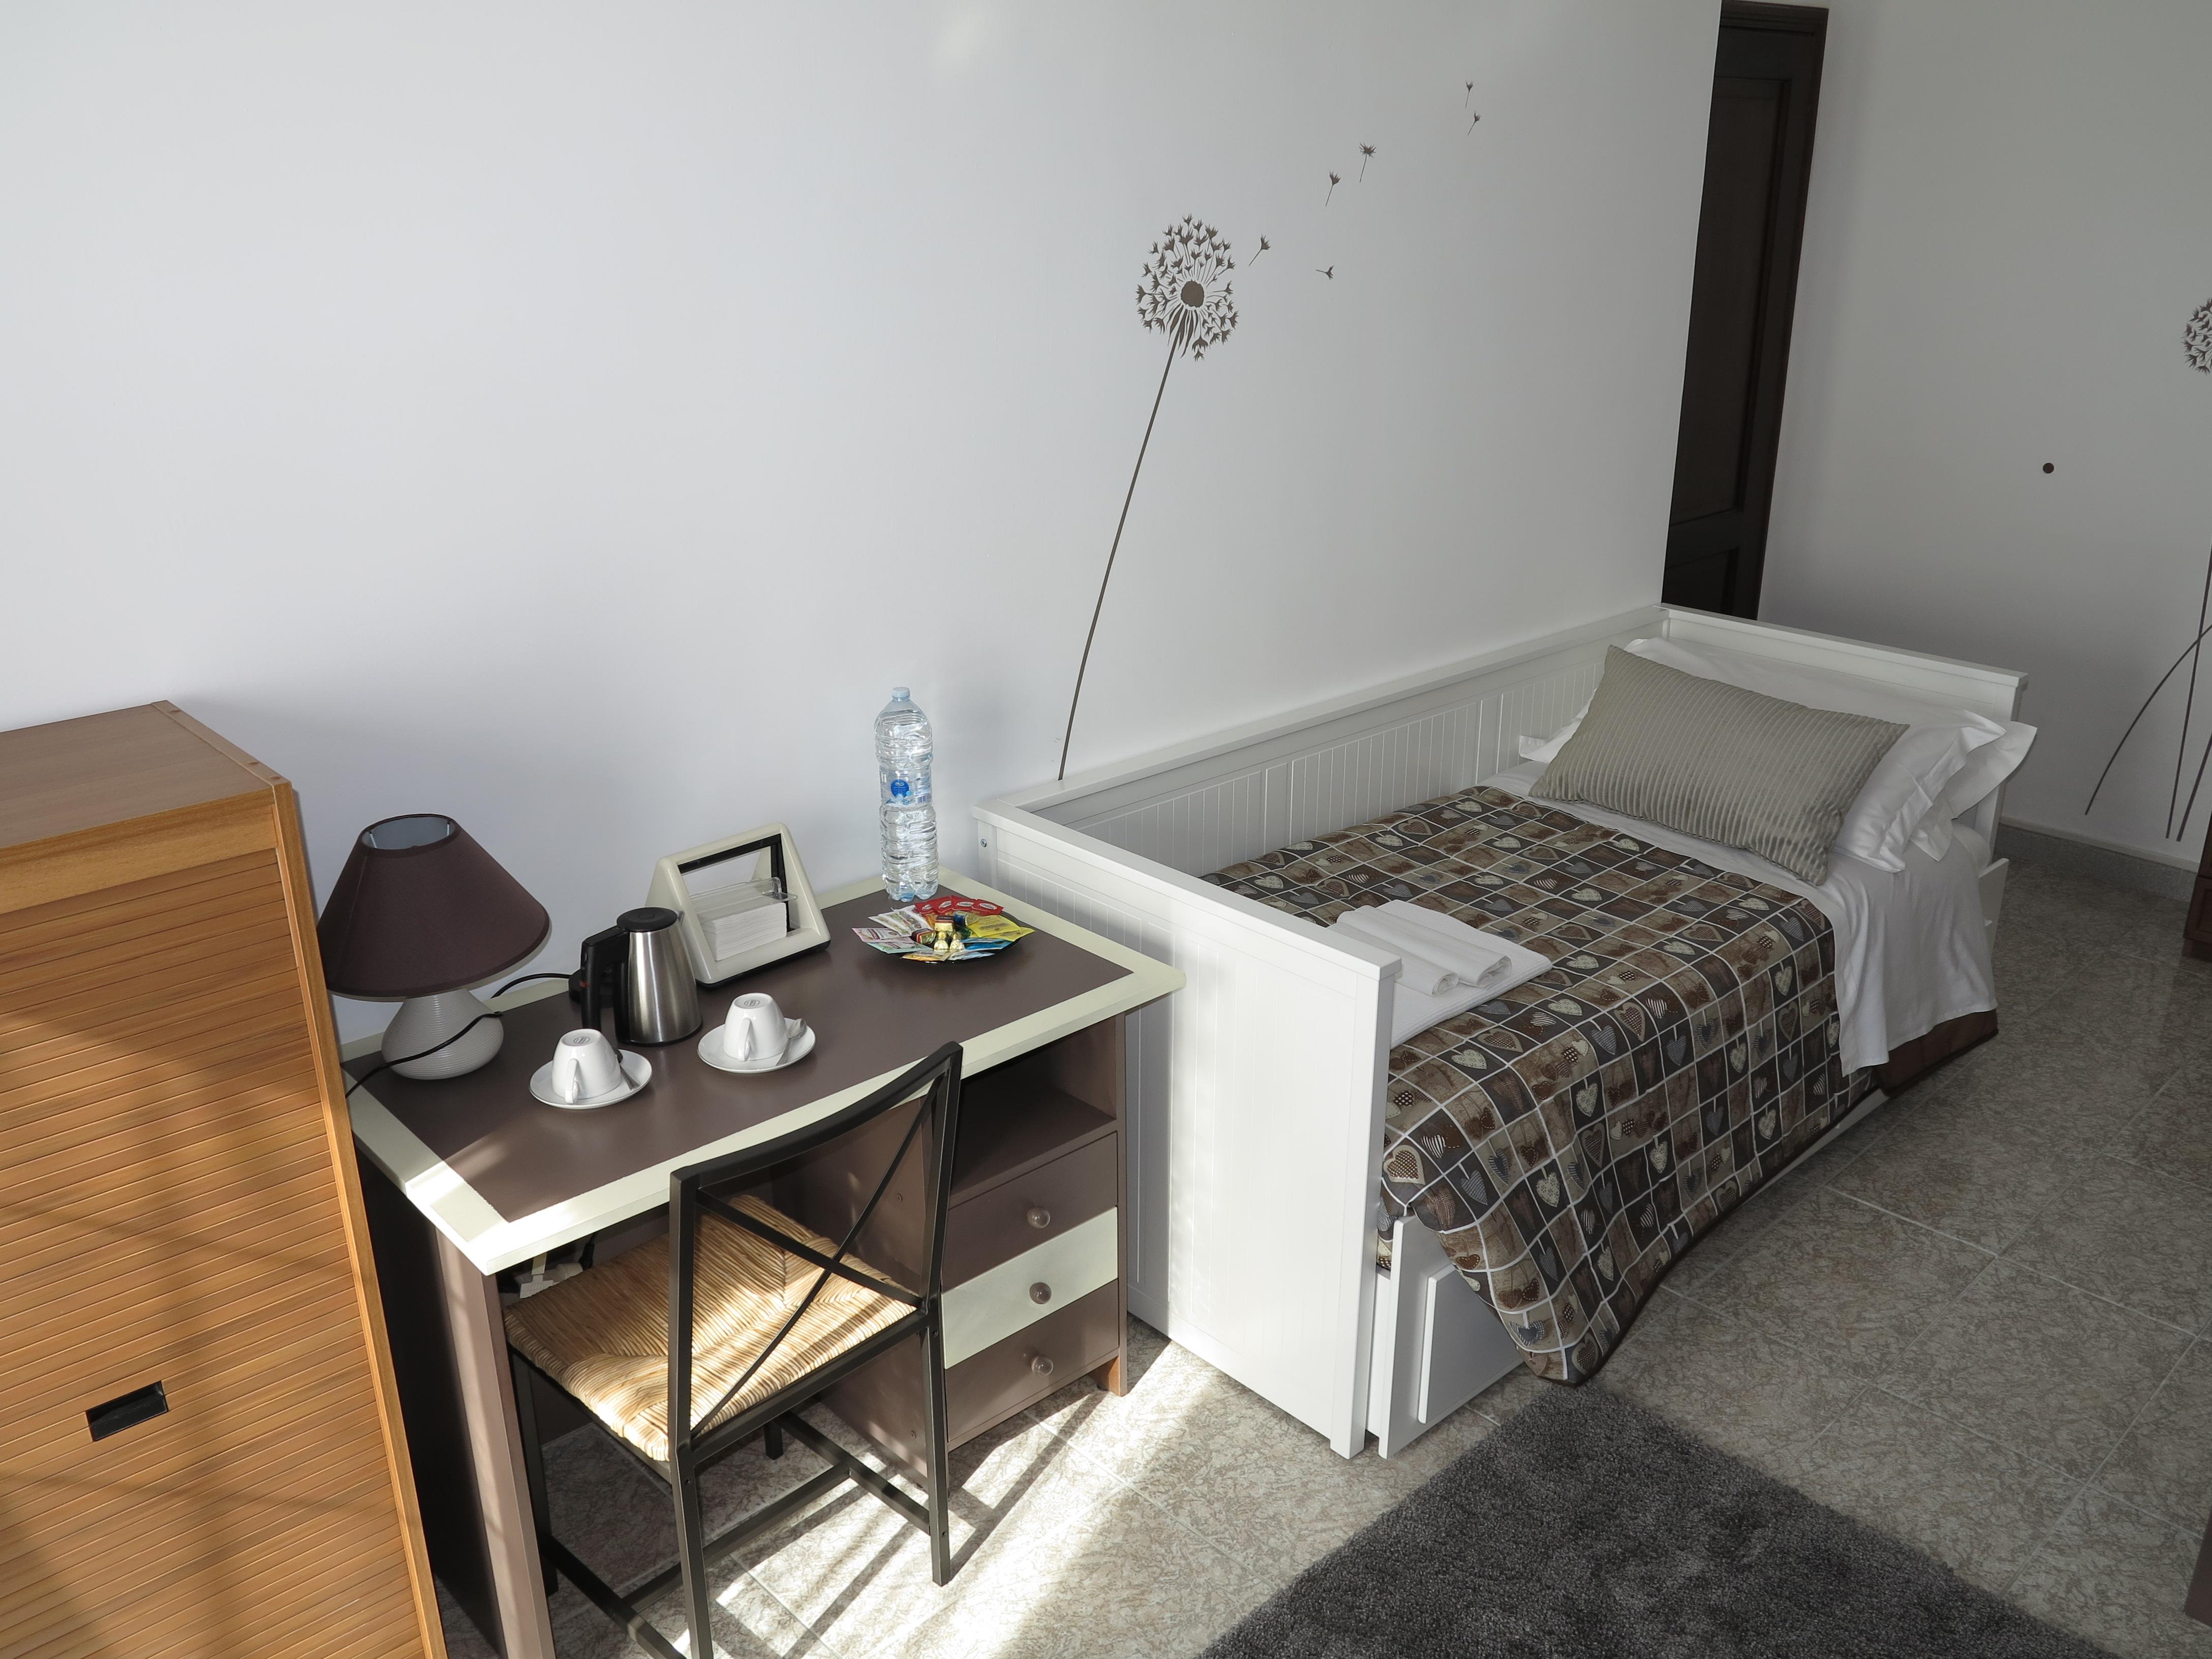 Divano letto trasformabile matrimoniale ikea scrivania angolo studio stanza Maria biancocancello camera singola doppia bagno ingresso indipendente